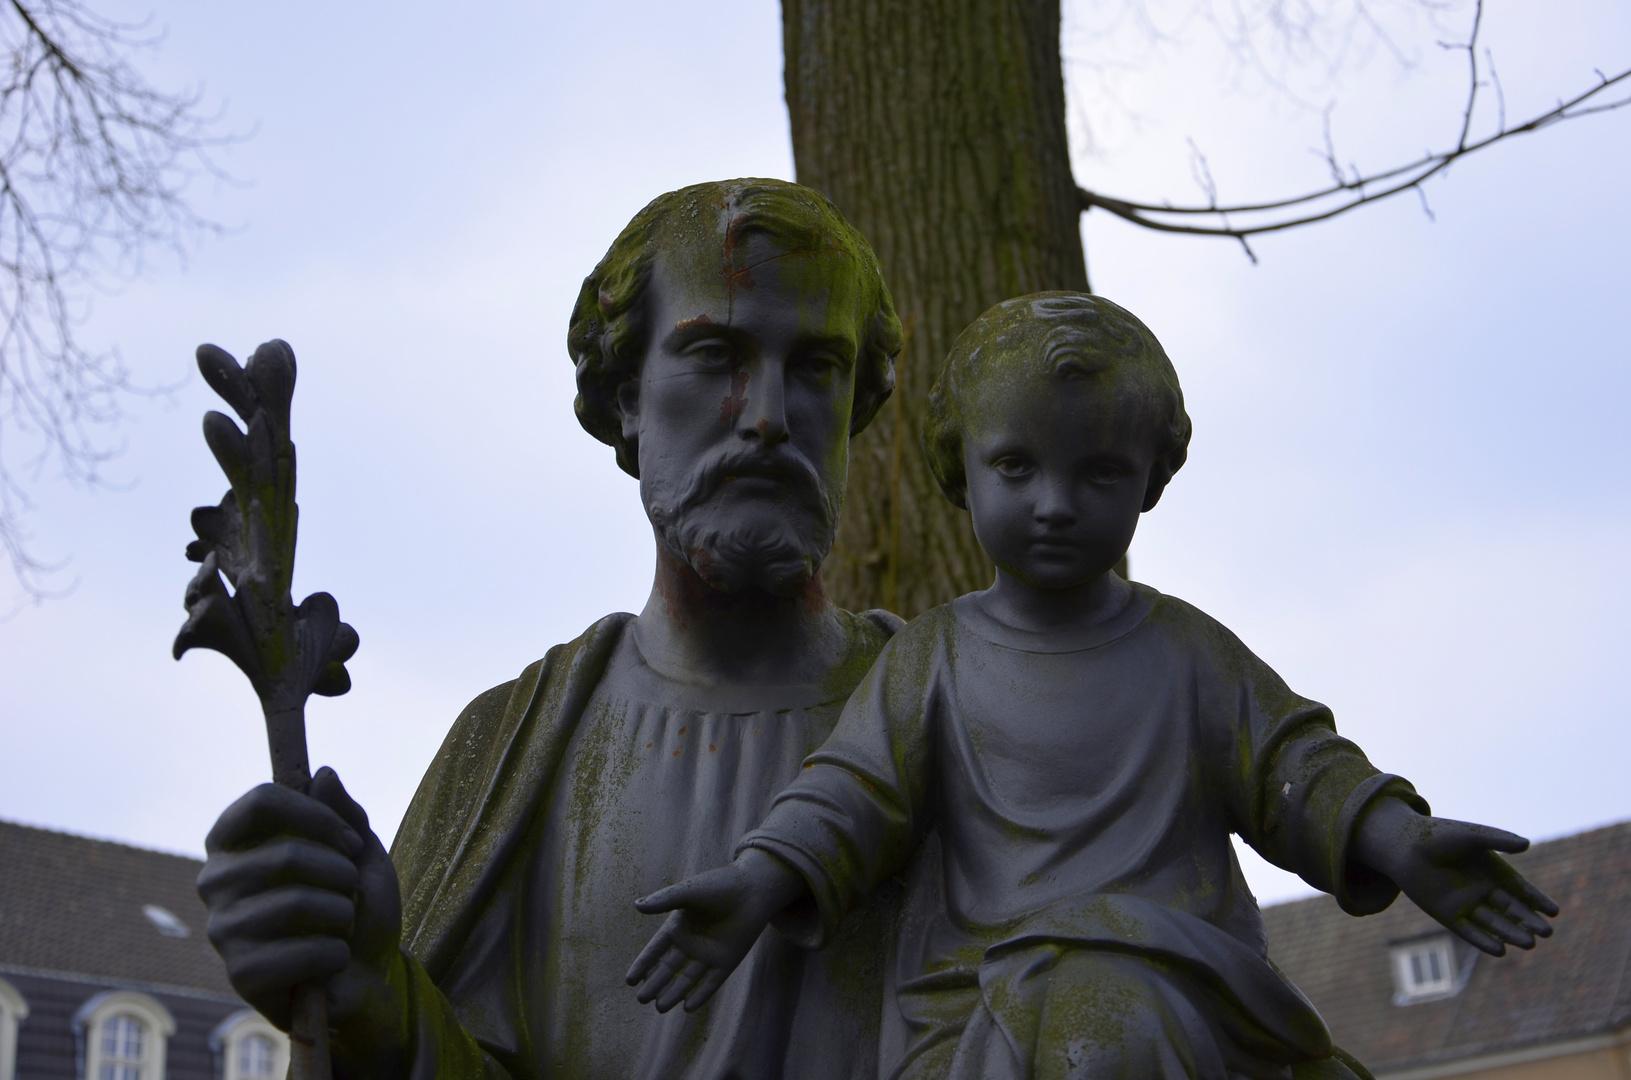 Kloster Kechtsteden Skulptur